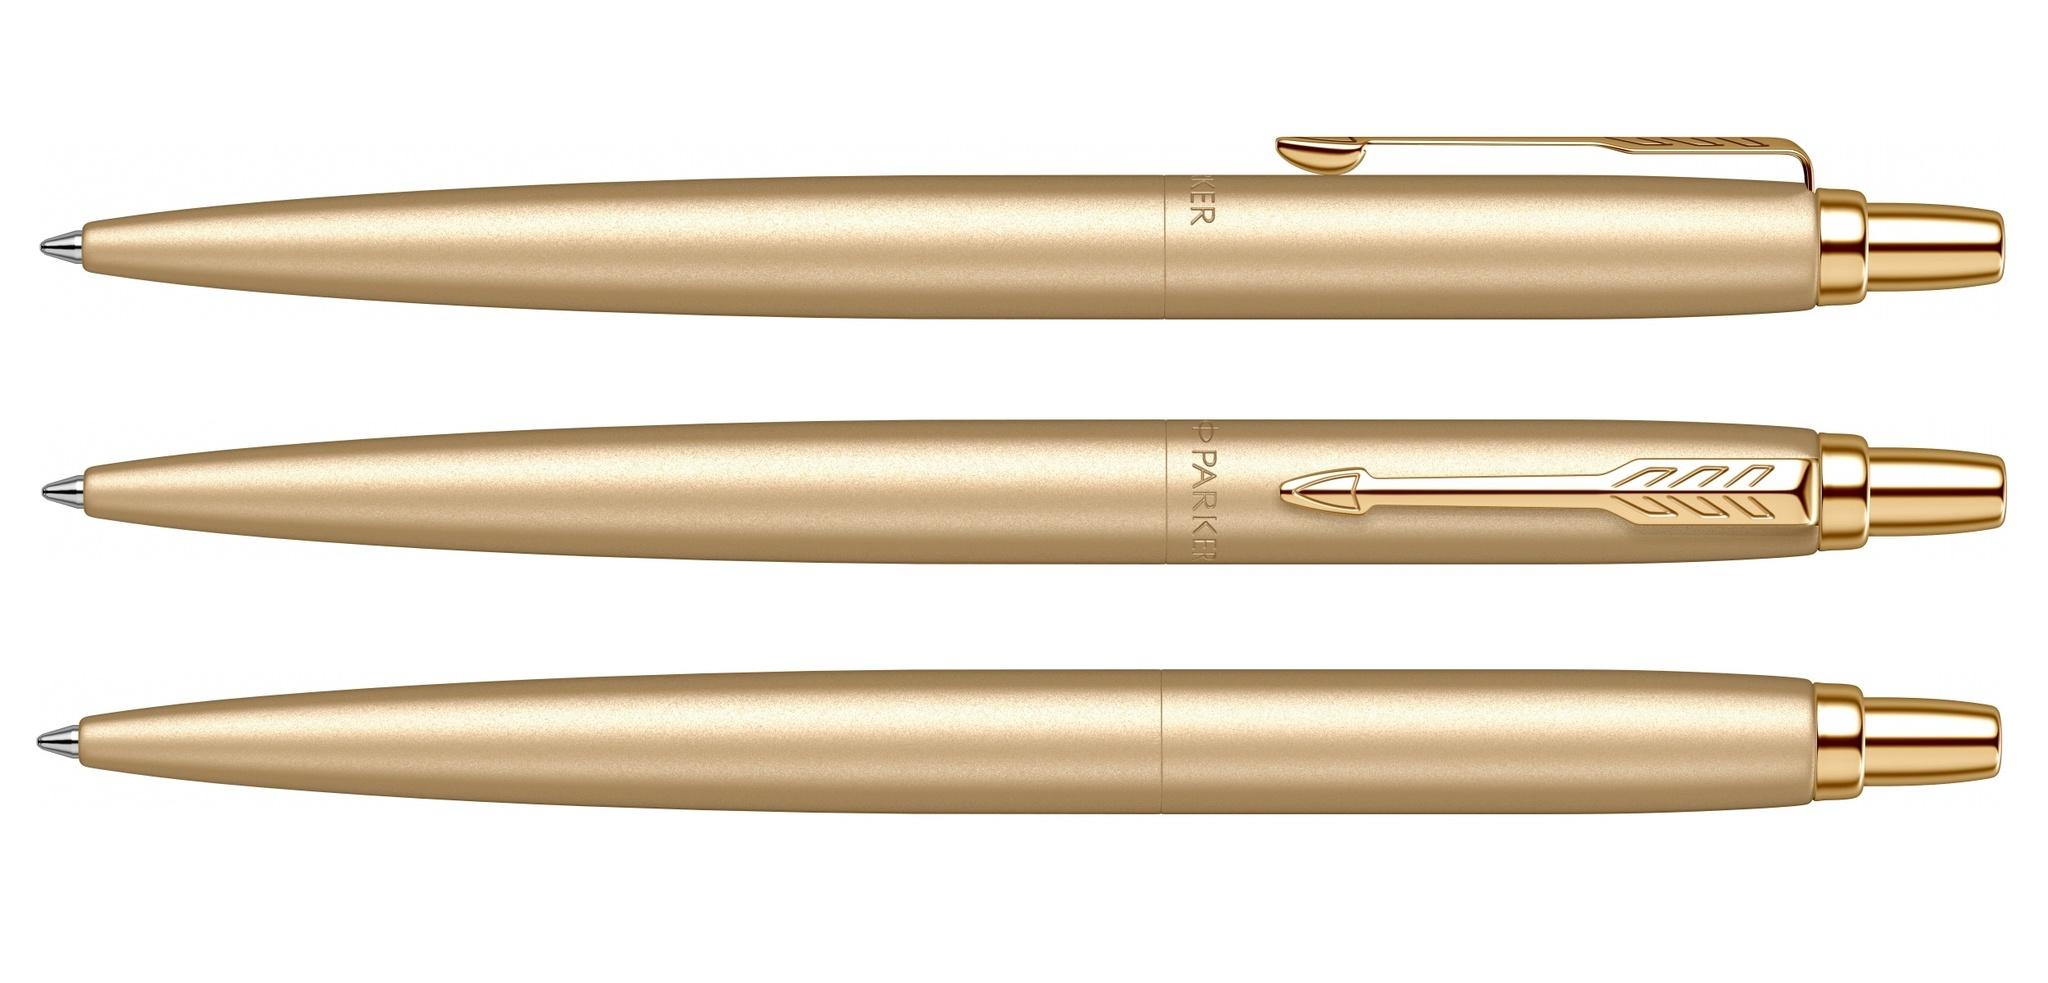 SE20 (2122754)  Ручка Parker Jotter Monochrome XL золотистый M синие чернила подар. упаковка